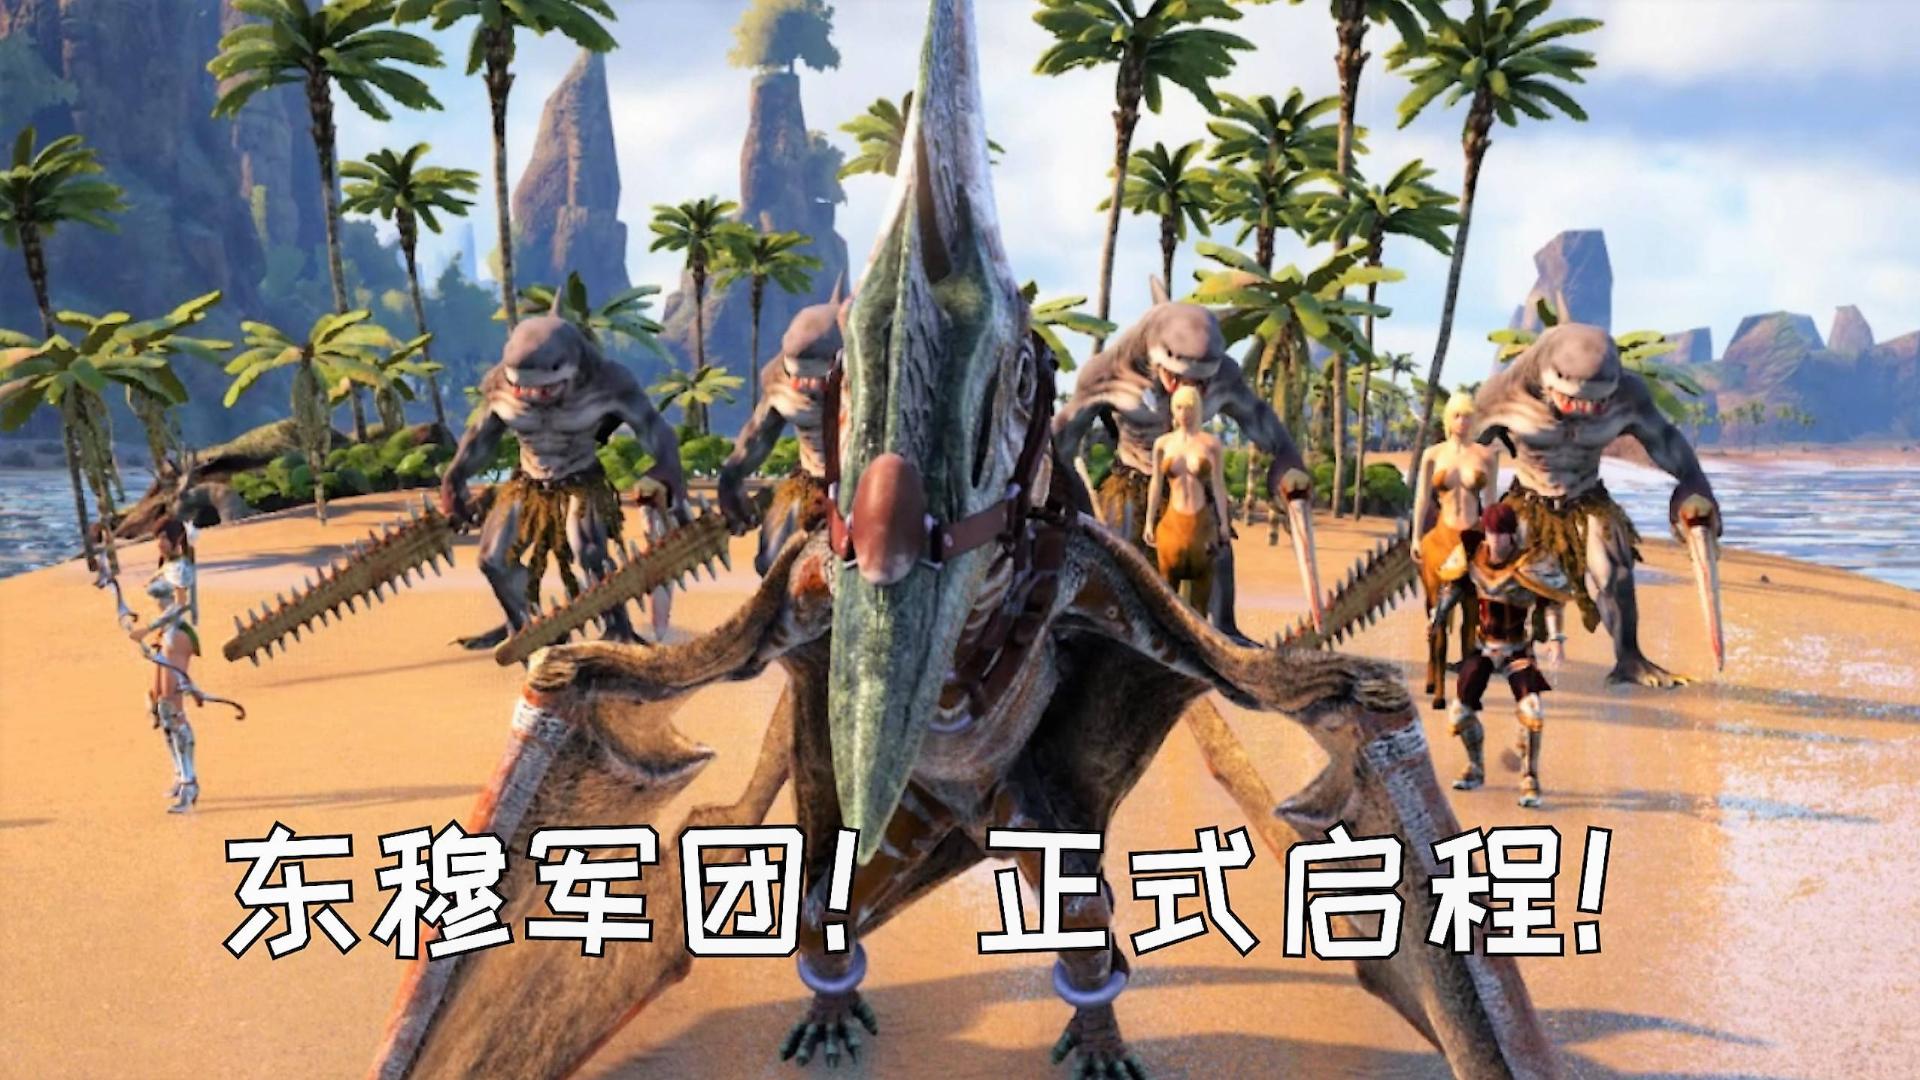 方舟生存进化52:东穆打造了荒岛军团,准备出征讨伐猛兽